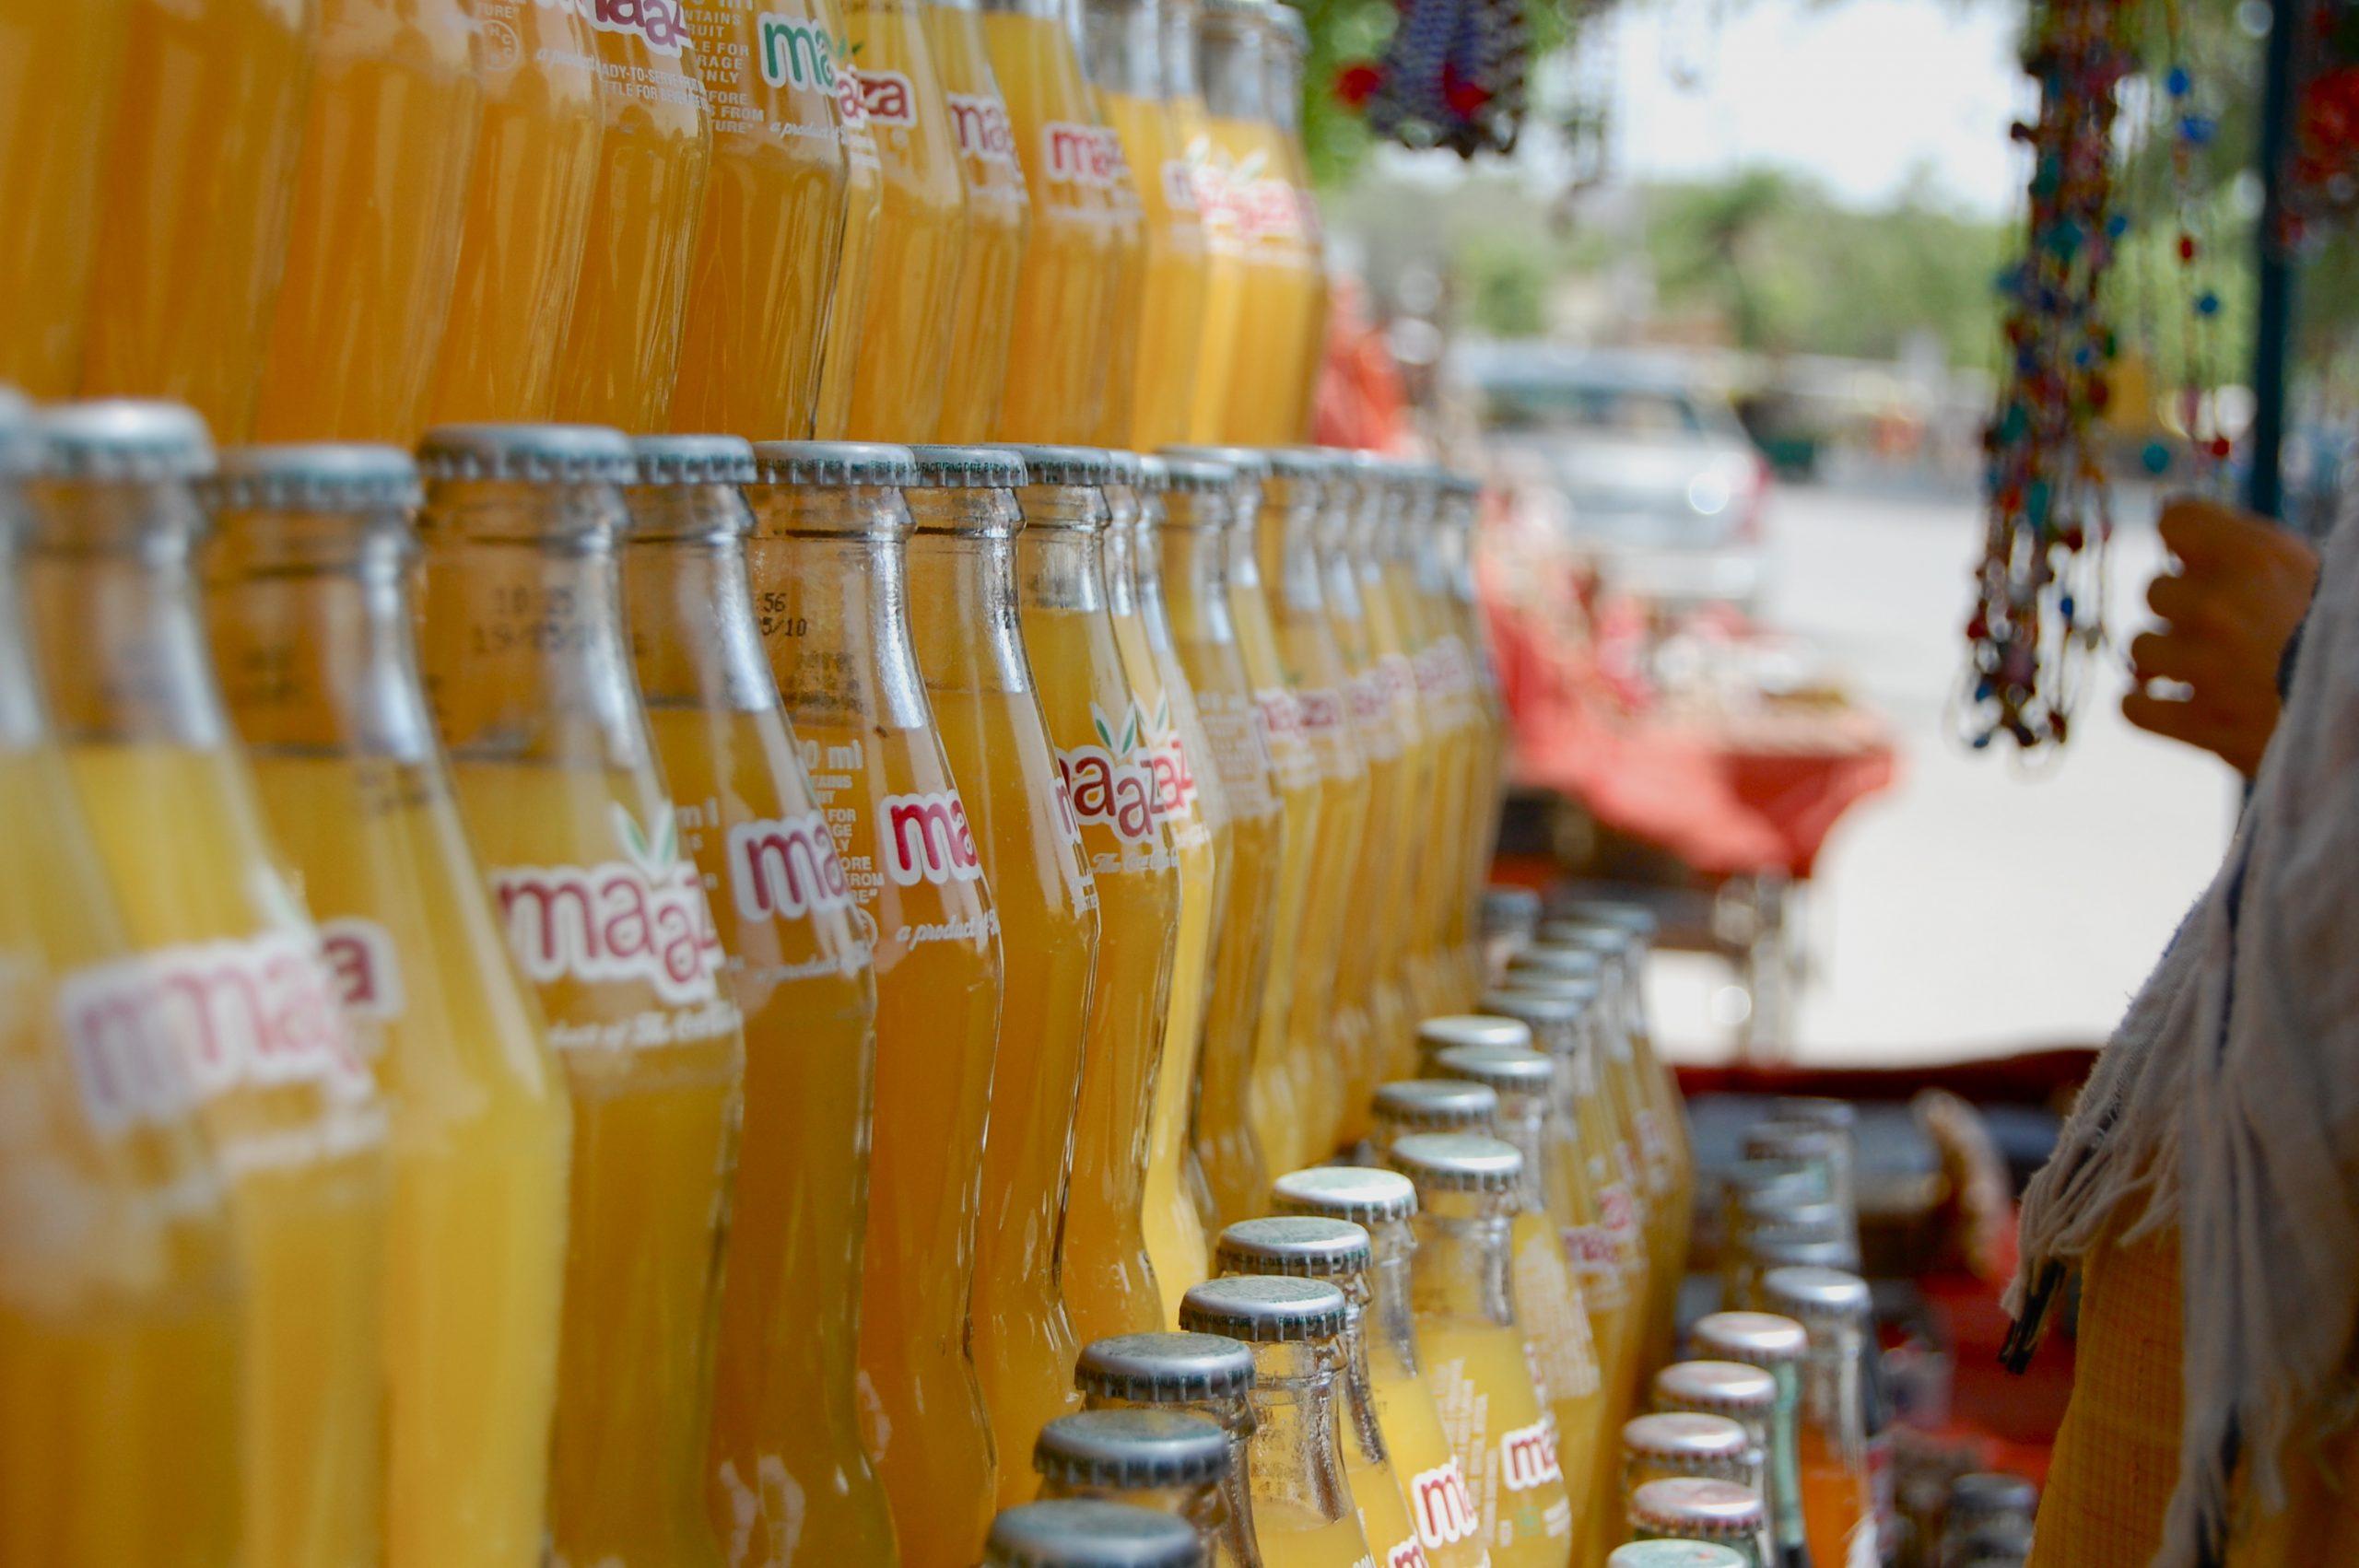 Maaza bottles